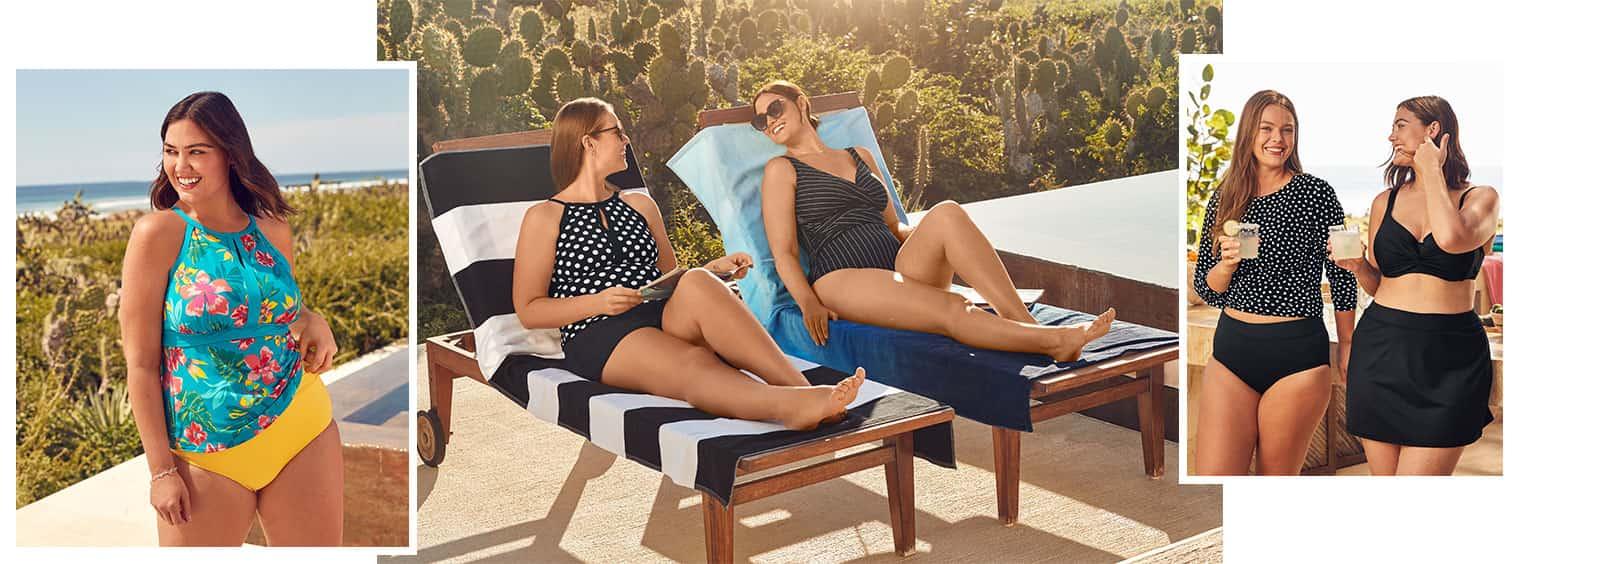 7 Best Plus Size Bathing Suits